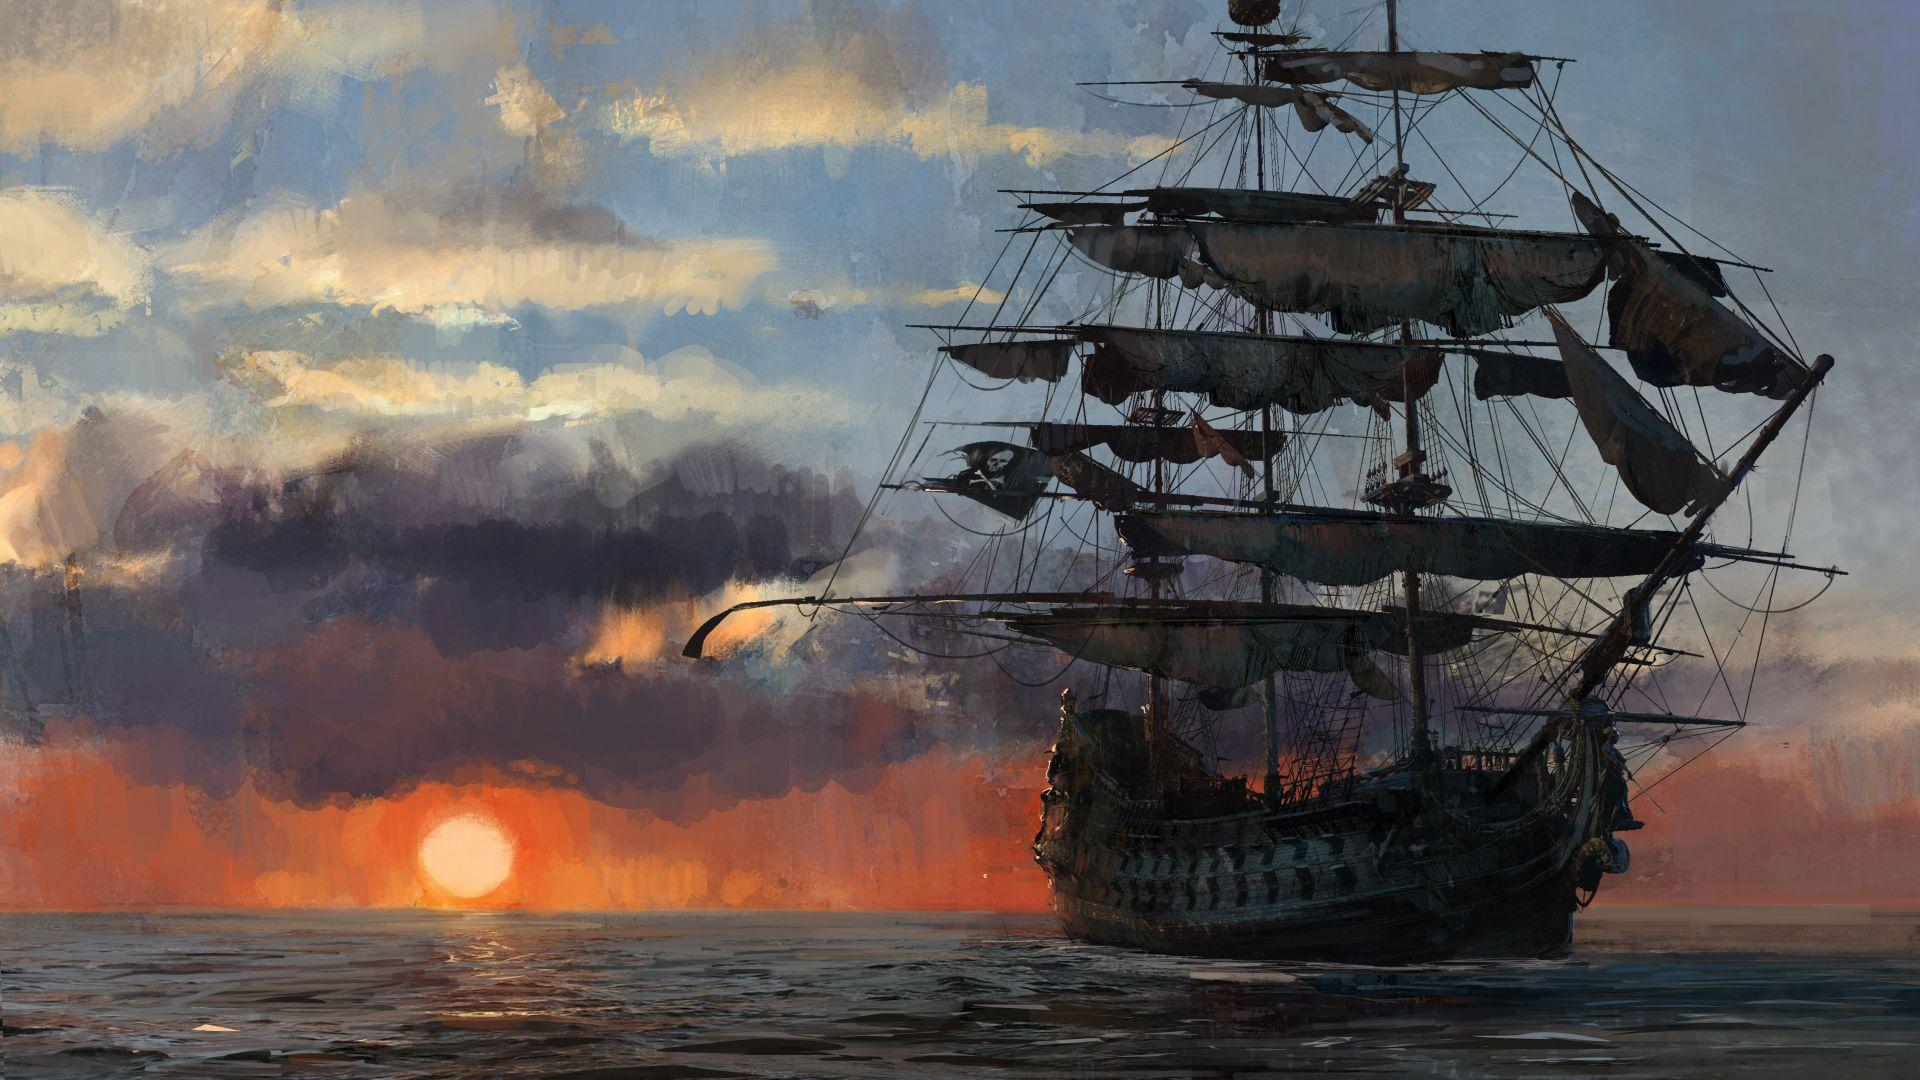 Wallpaper Skull and Bones, ship, sunset, artwork, video game